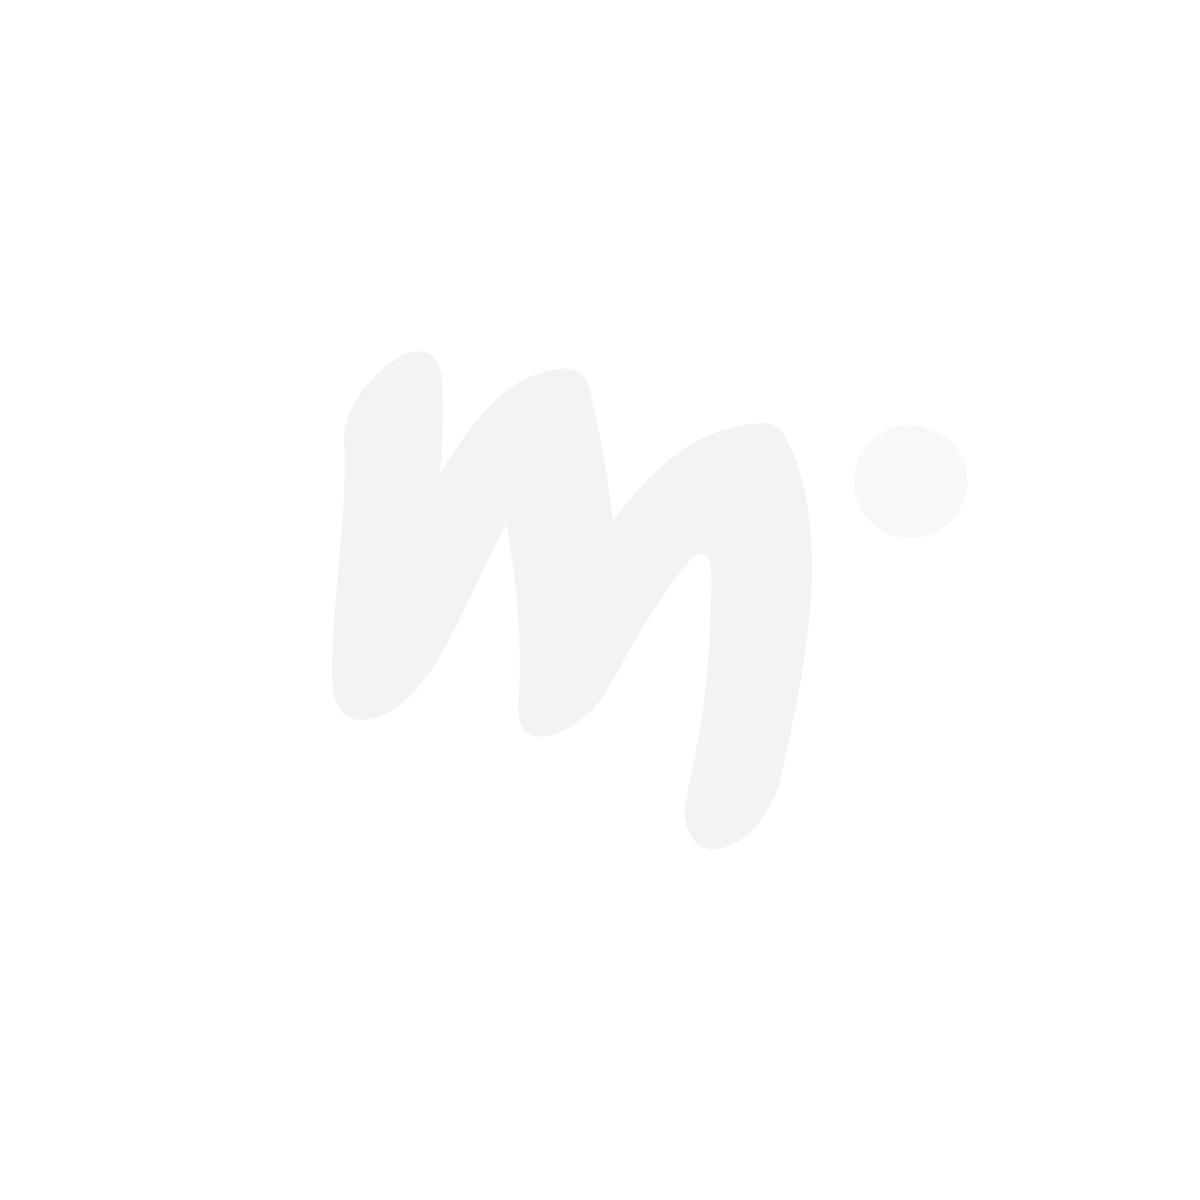 Didak Yksisarvinen-sprinkleri XXXXL